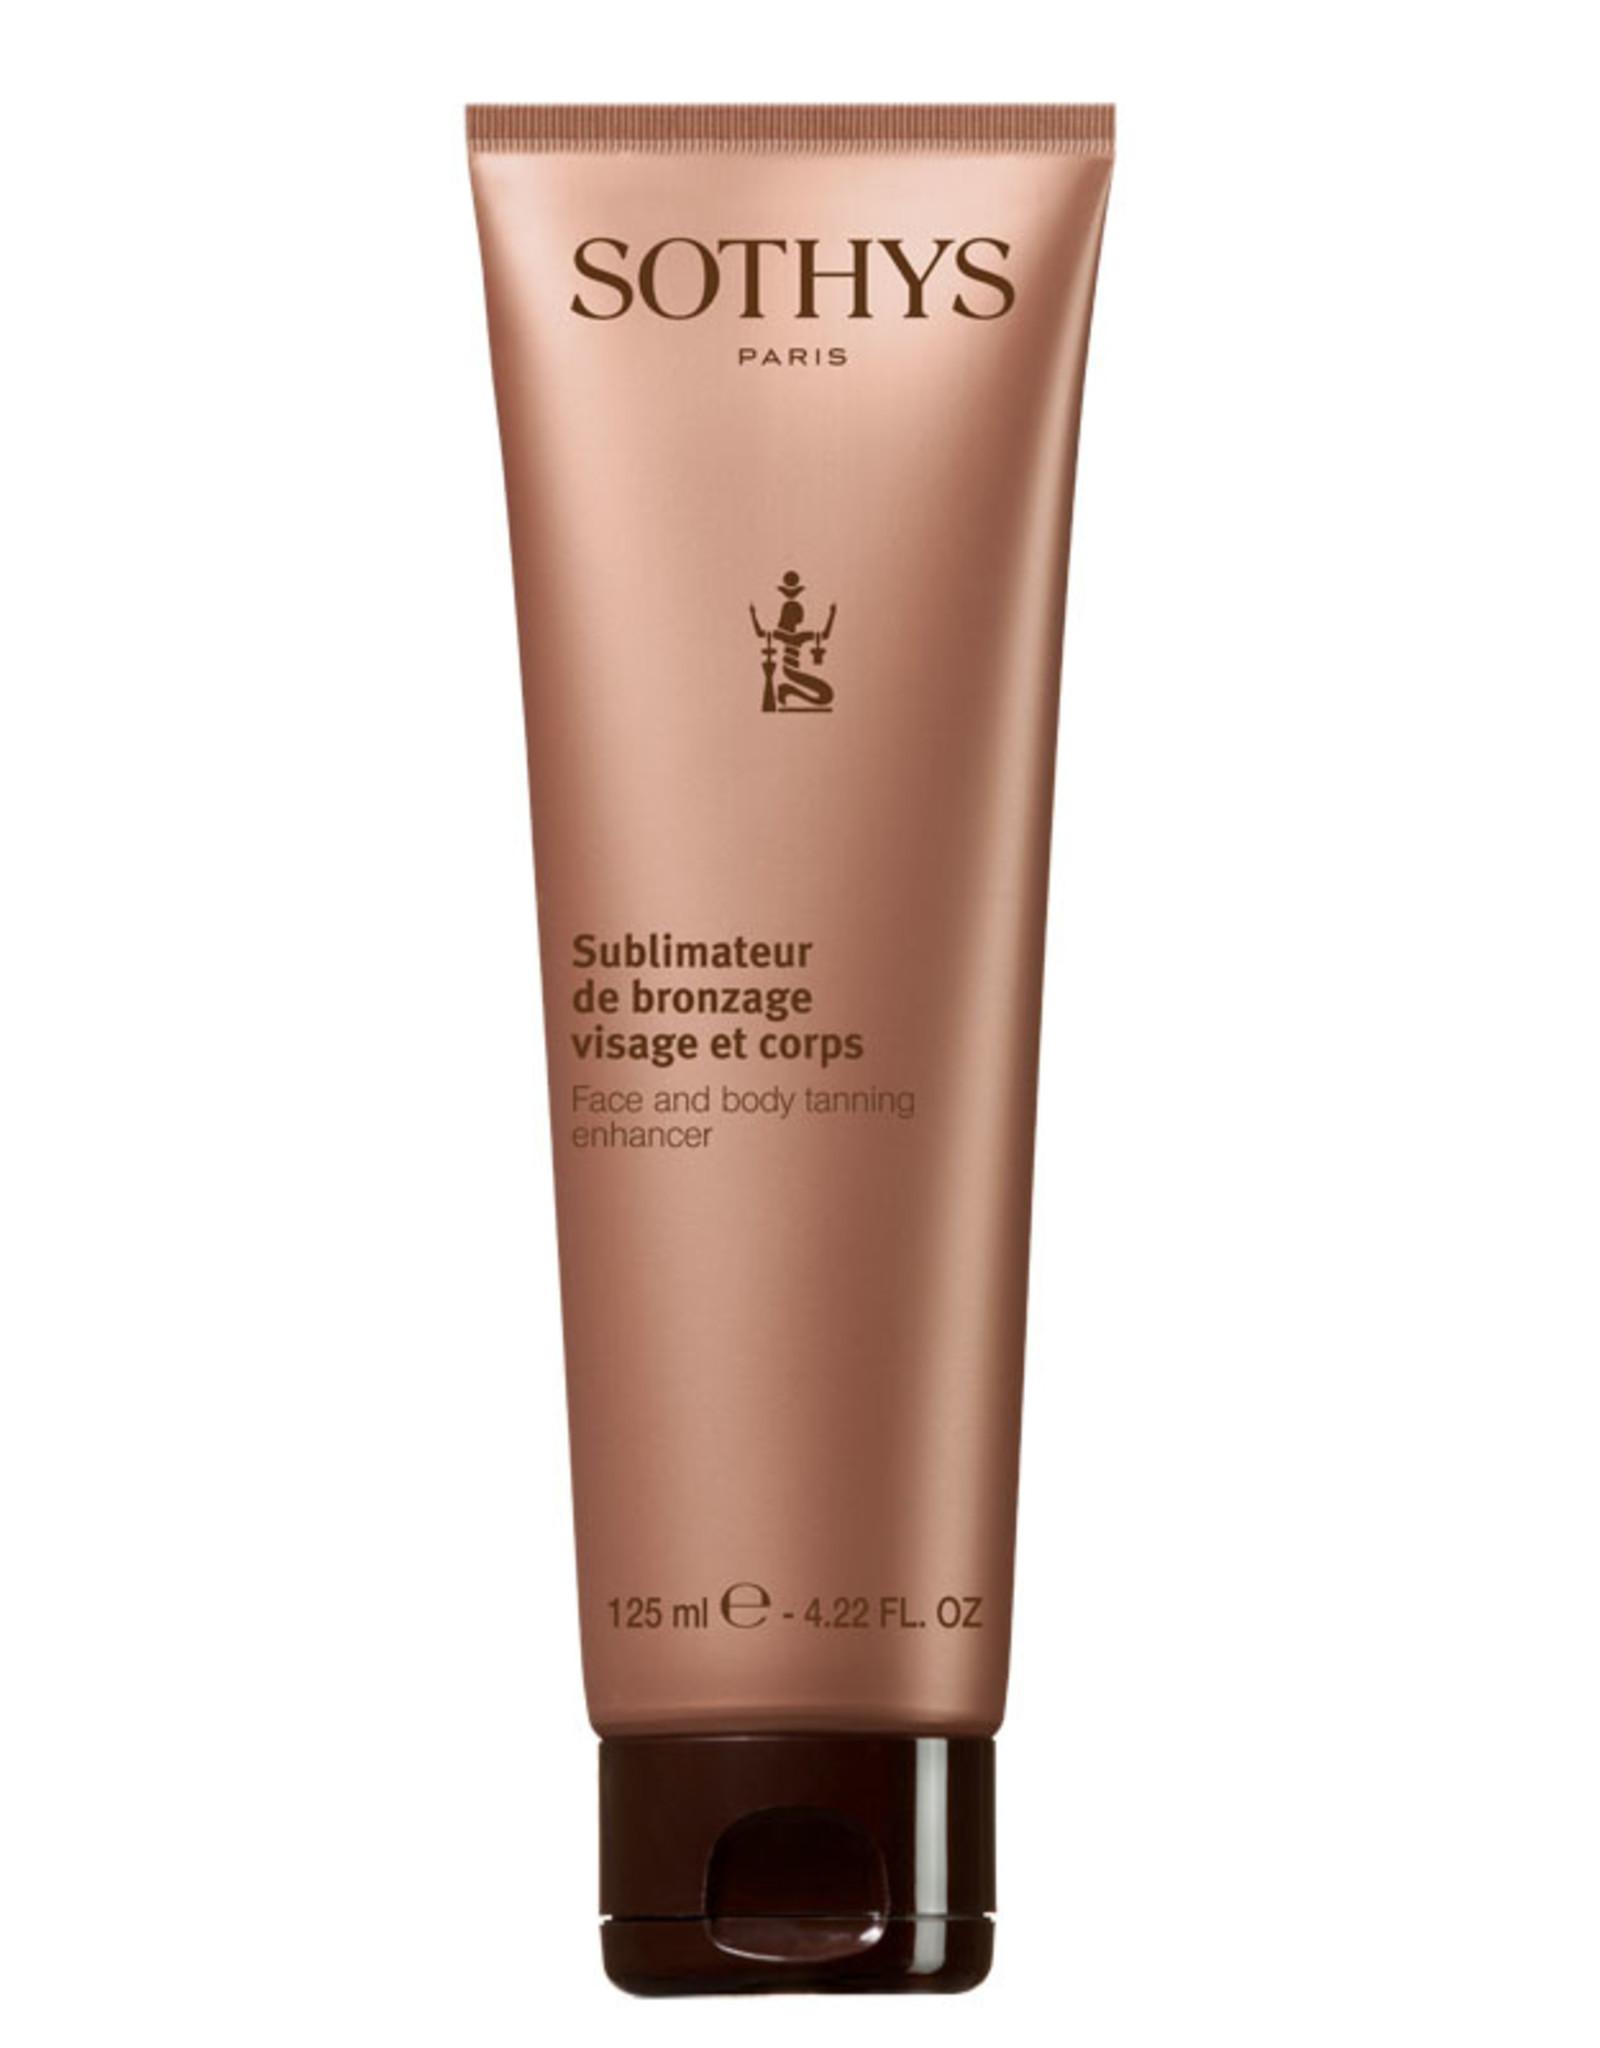 SOTHYS Sublimateur de bronzage visage et corps - Sothys